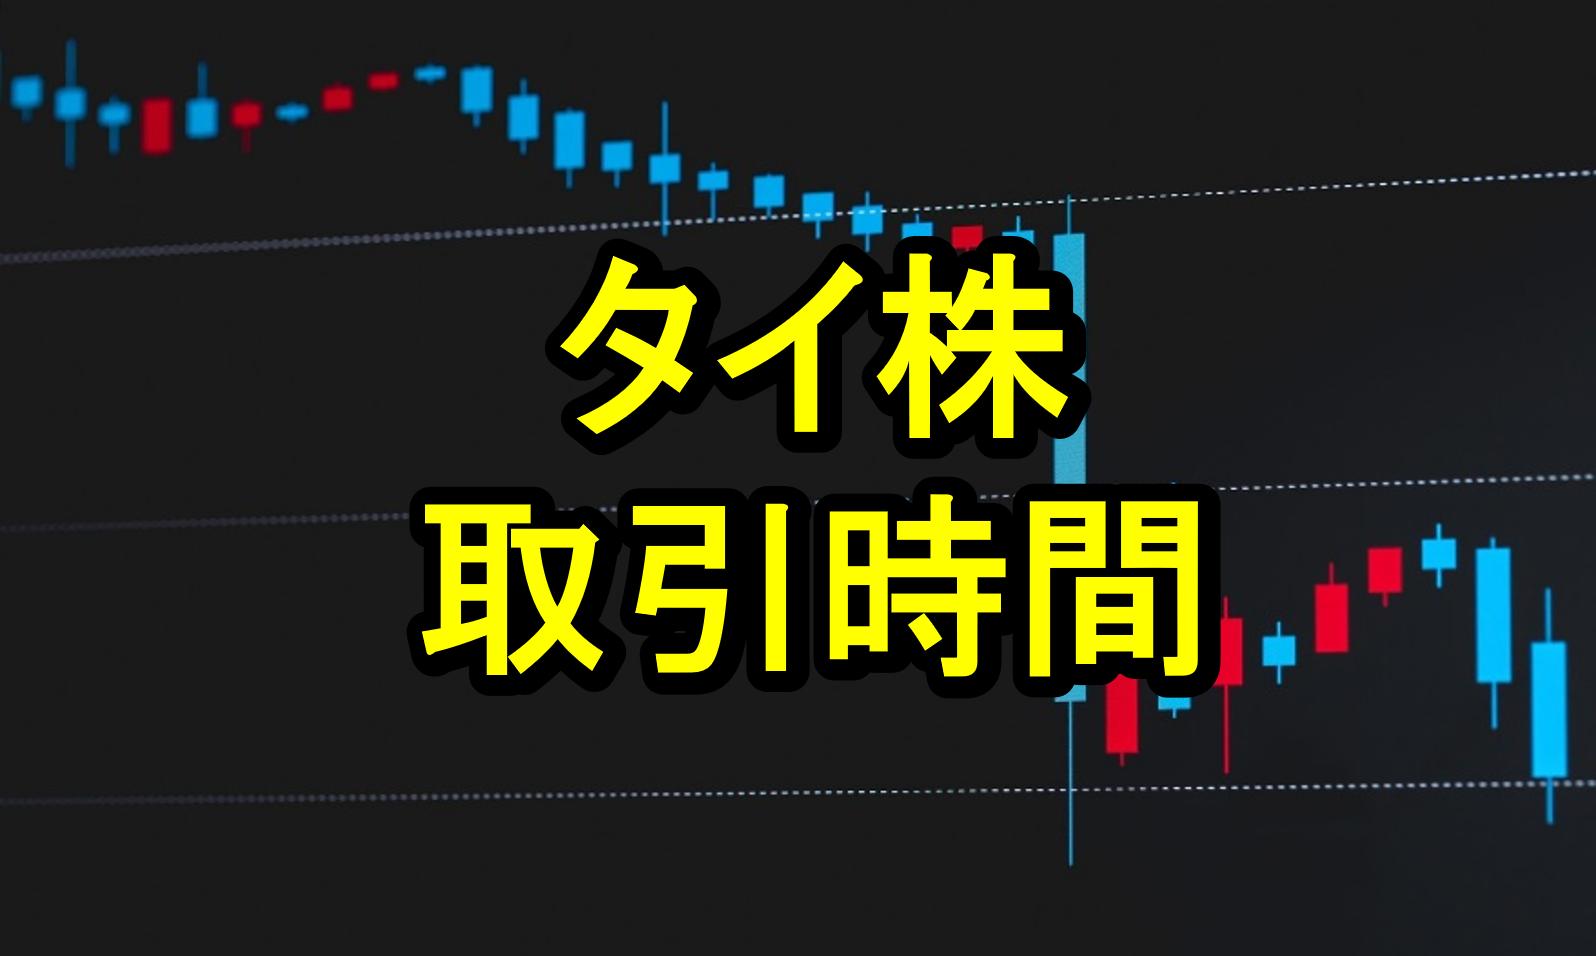 タイ株取引時間